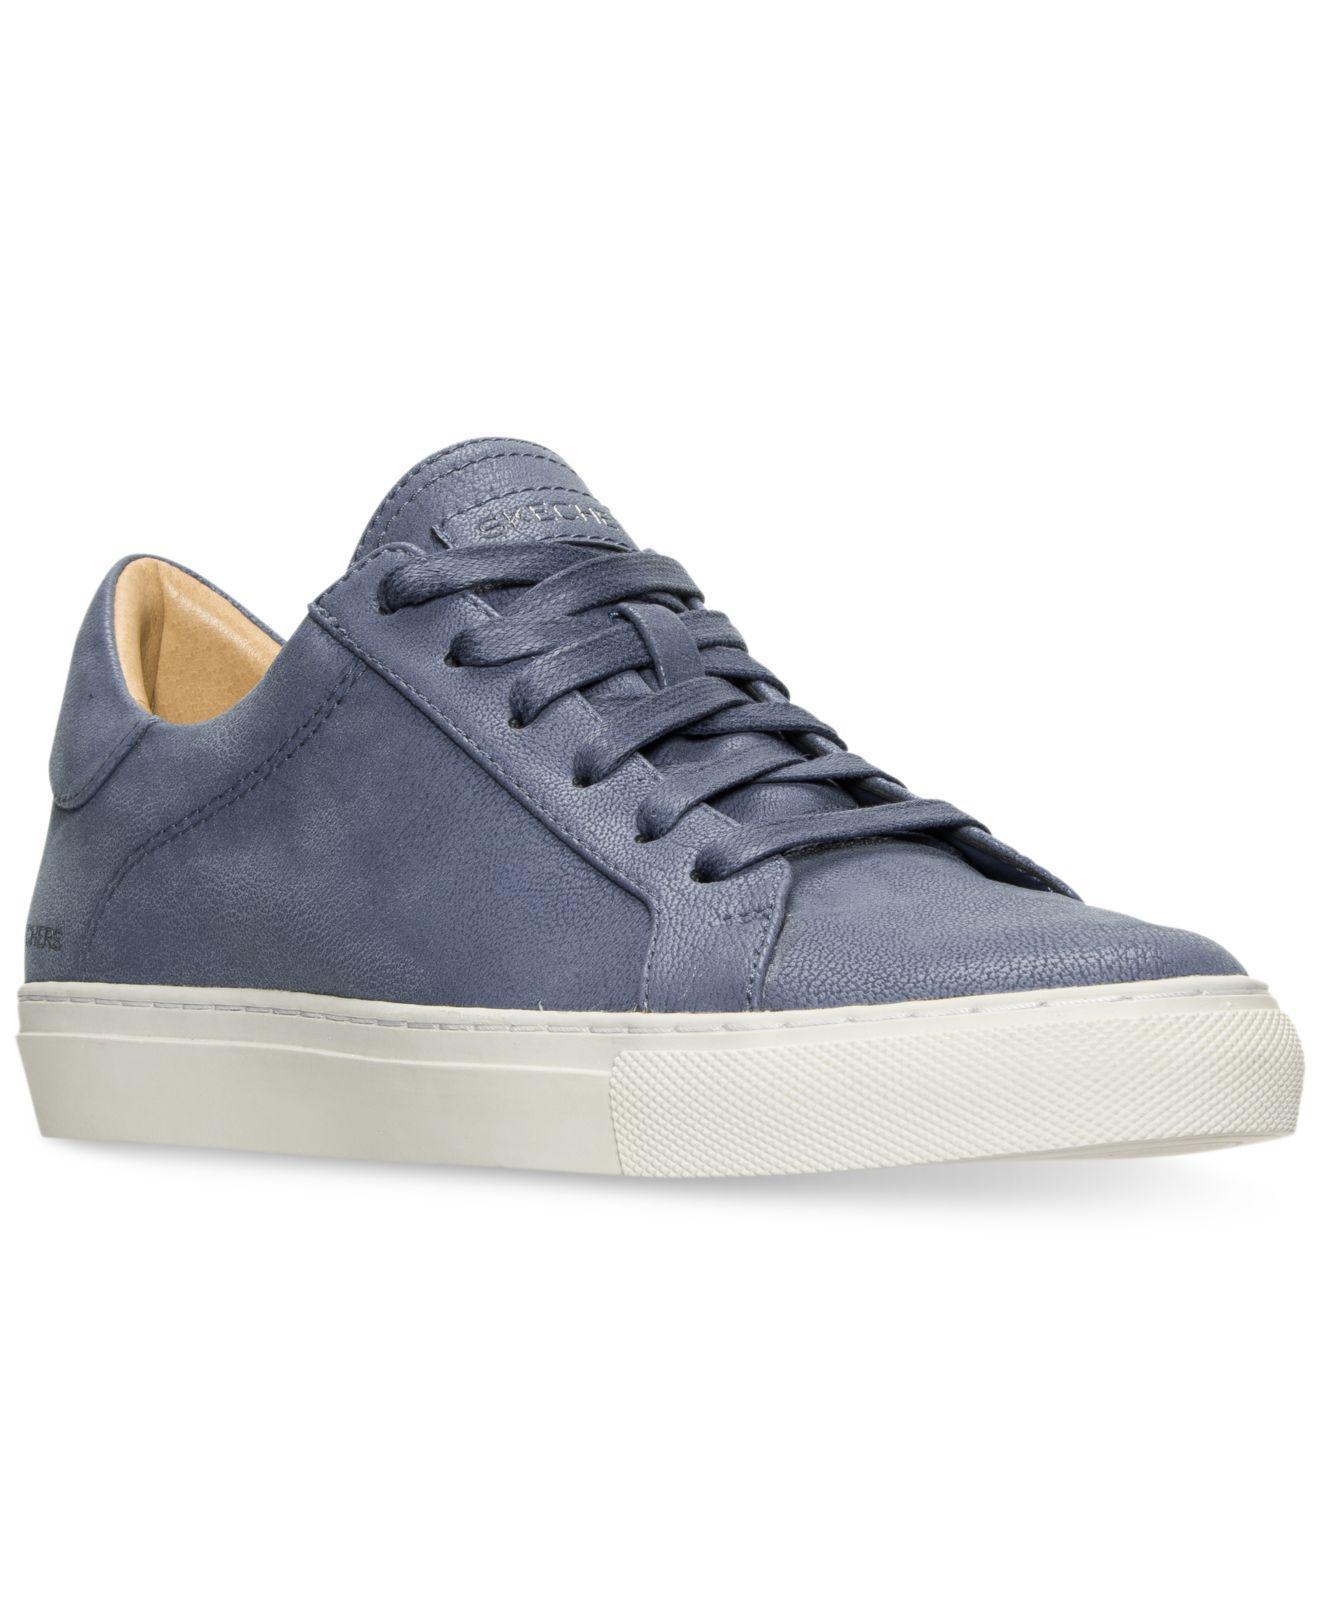 SKECHERS Vaso - Knit Lace-Up Sneaker EEmEMjDrZ